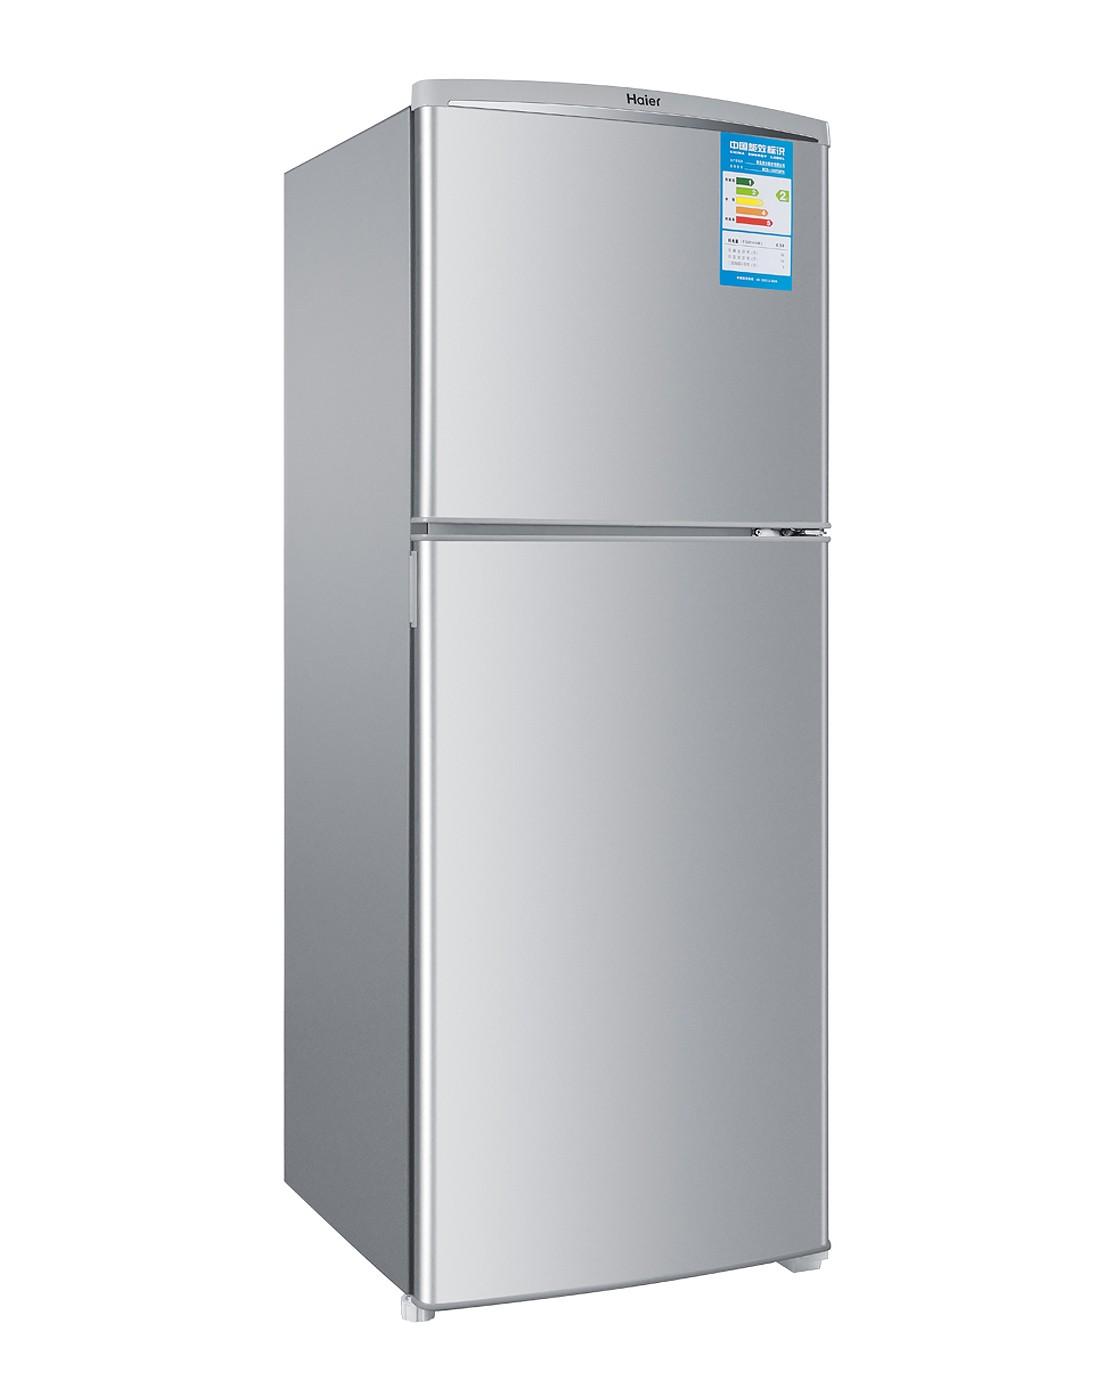 139升两门冰箱新款抢先购